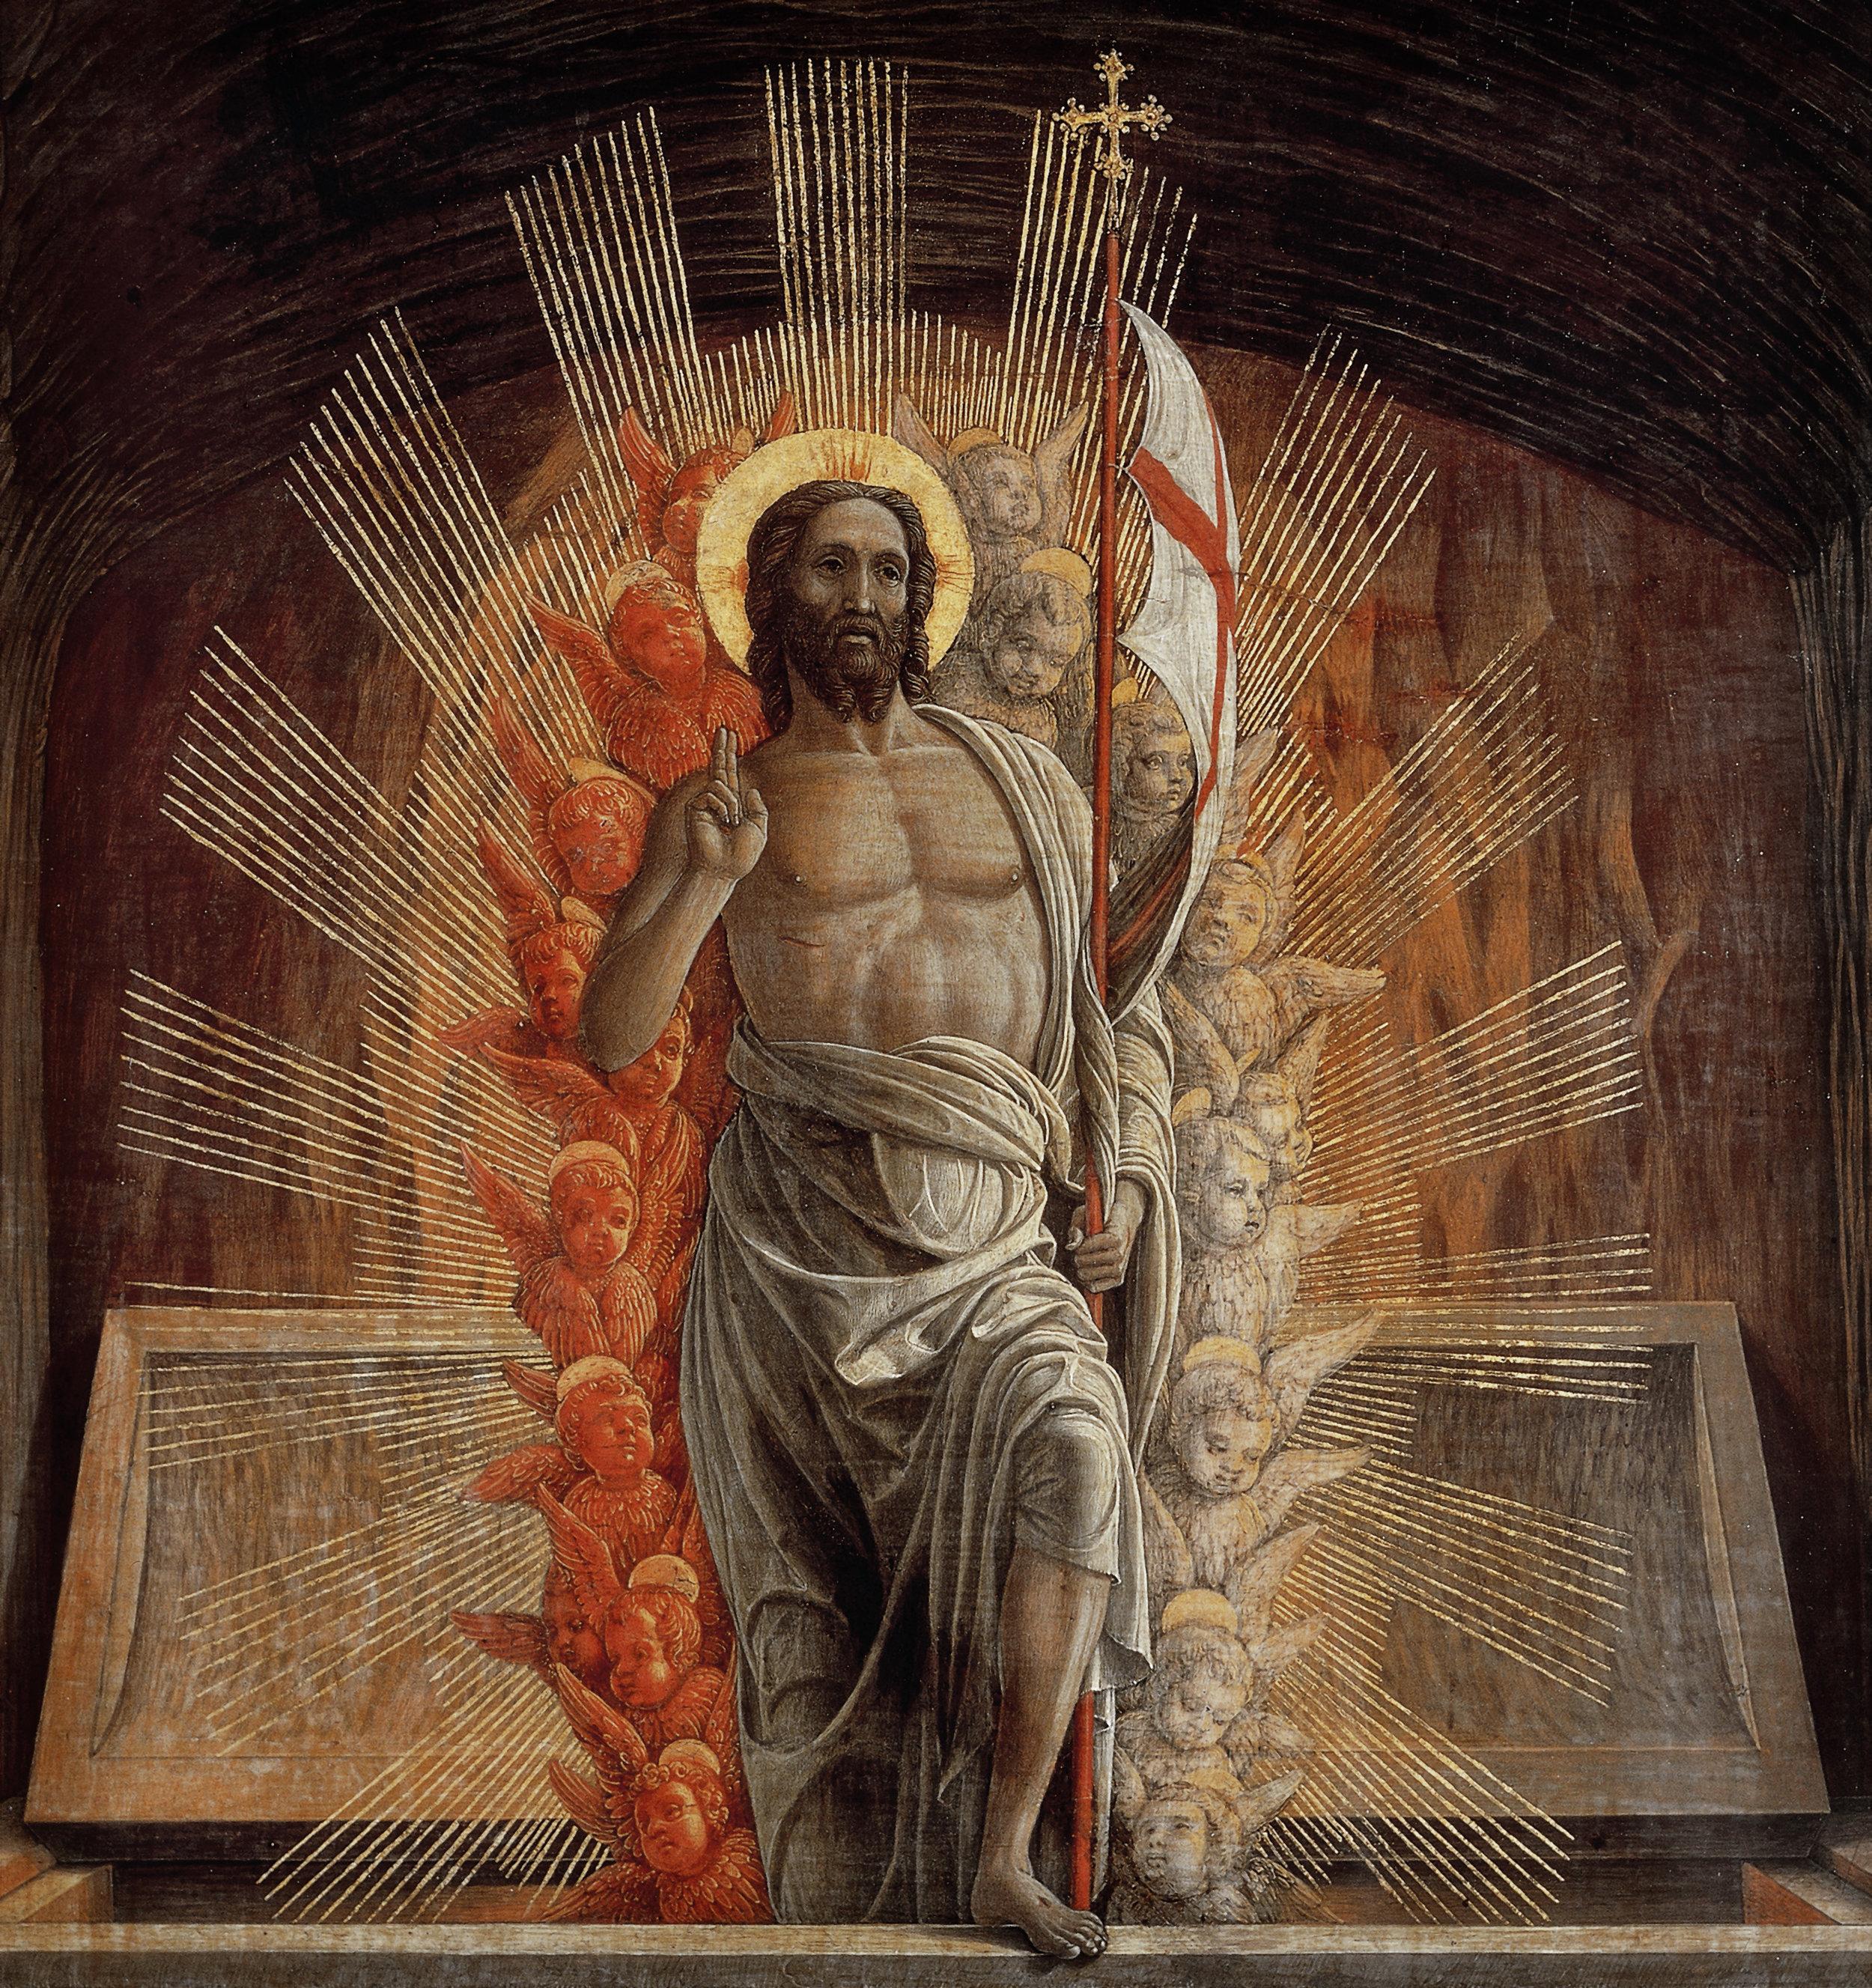 12EASTER-ART-resurrection.jpg